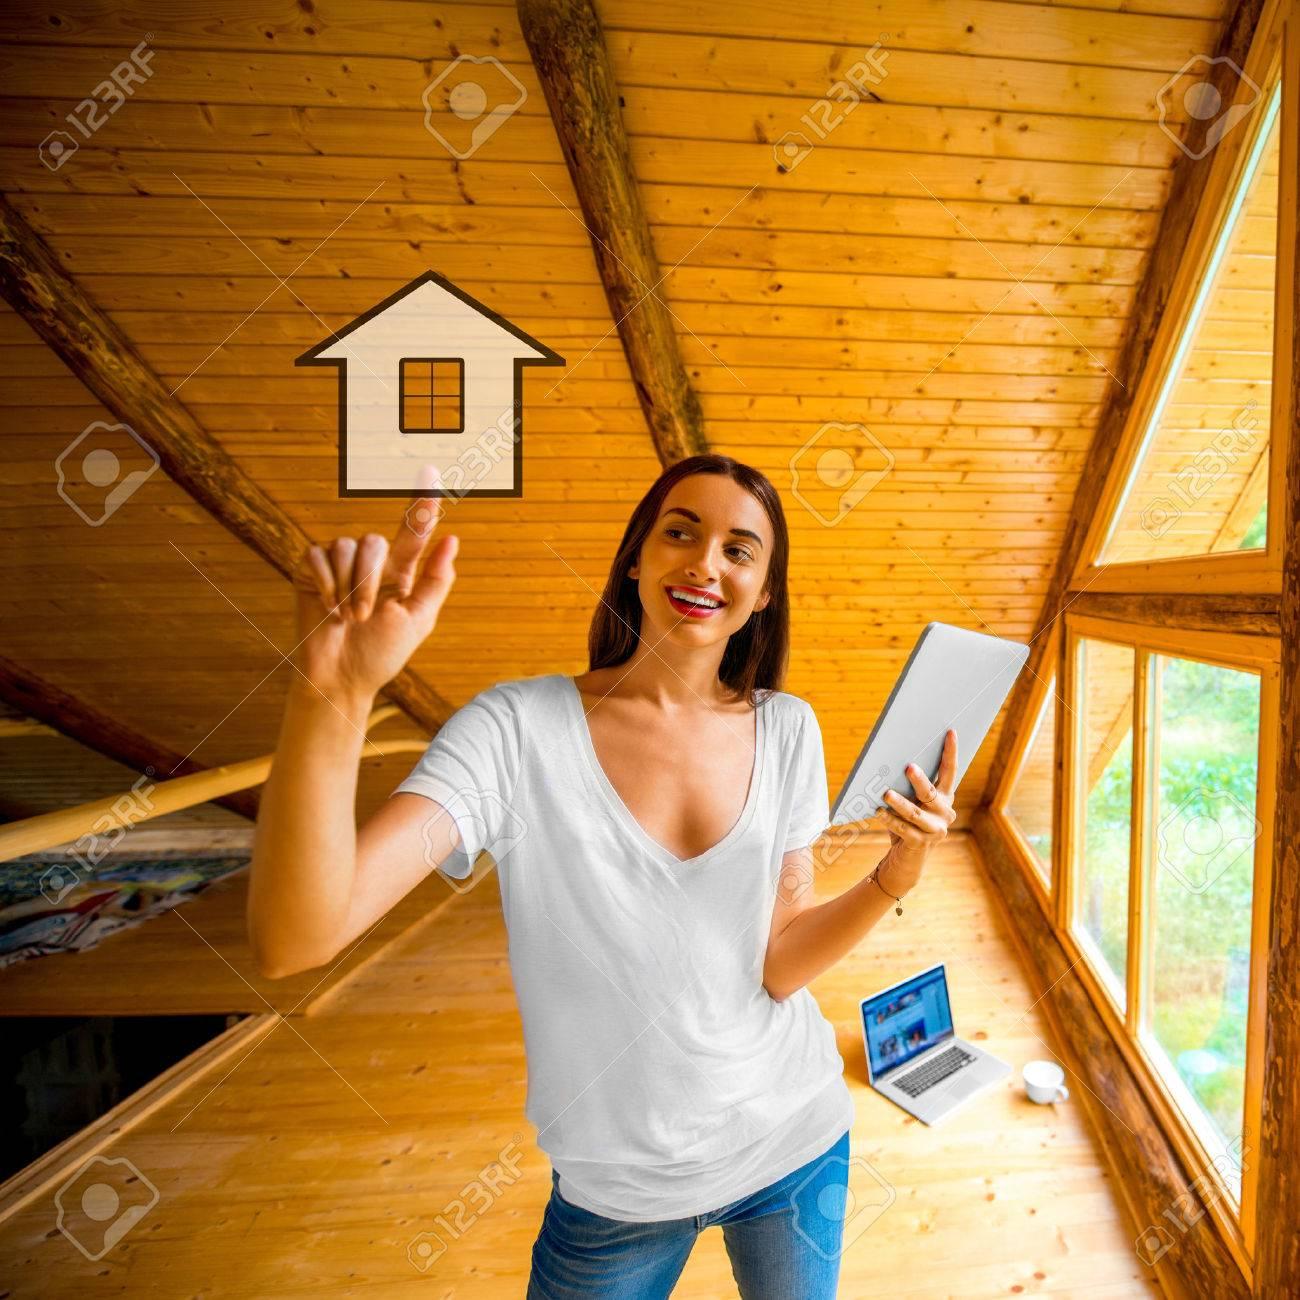 Jonge En Leuke Vrouw Het Ontwerpen Of Het Projecteren Van Een Huis ...